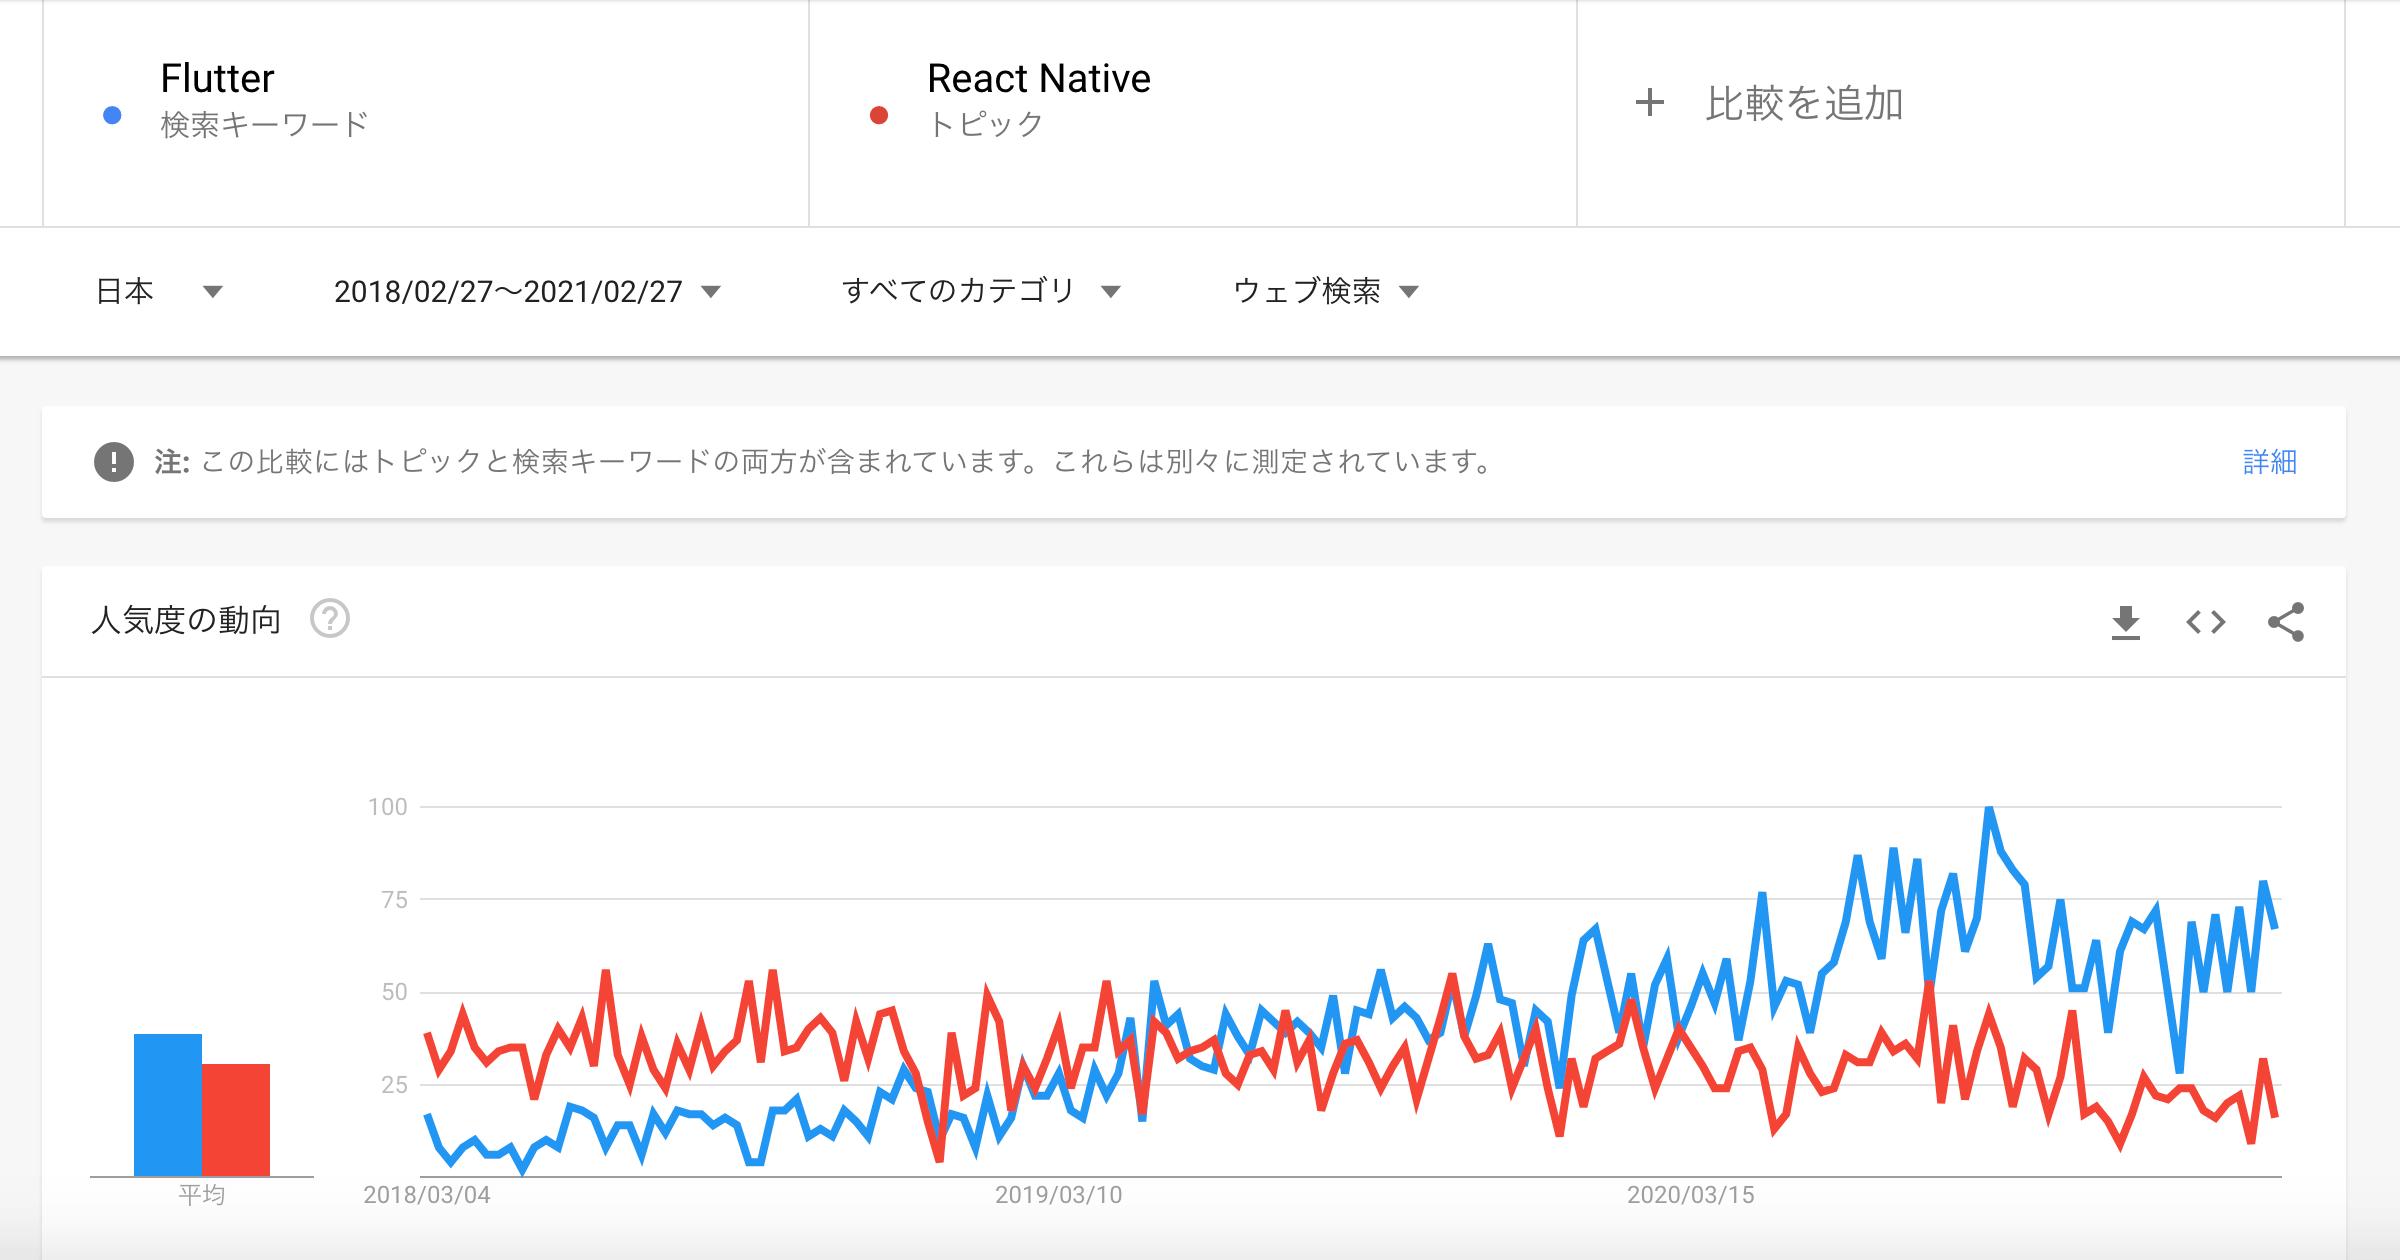 GoogleTrendsで見るFlutterの人気度